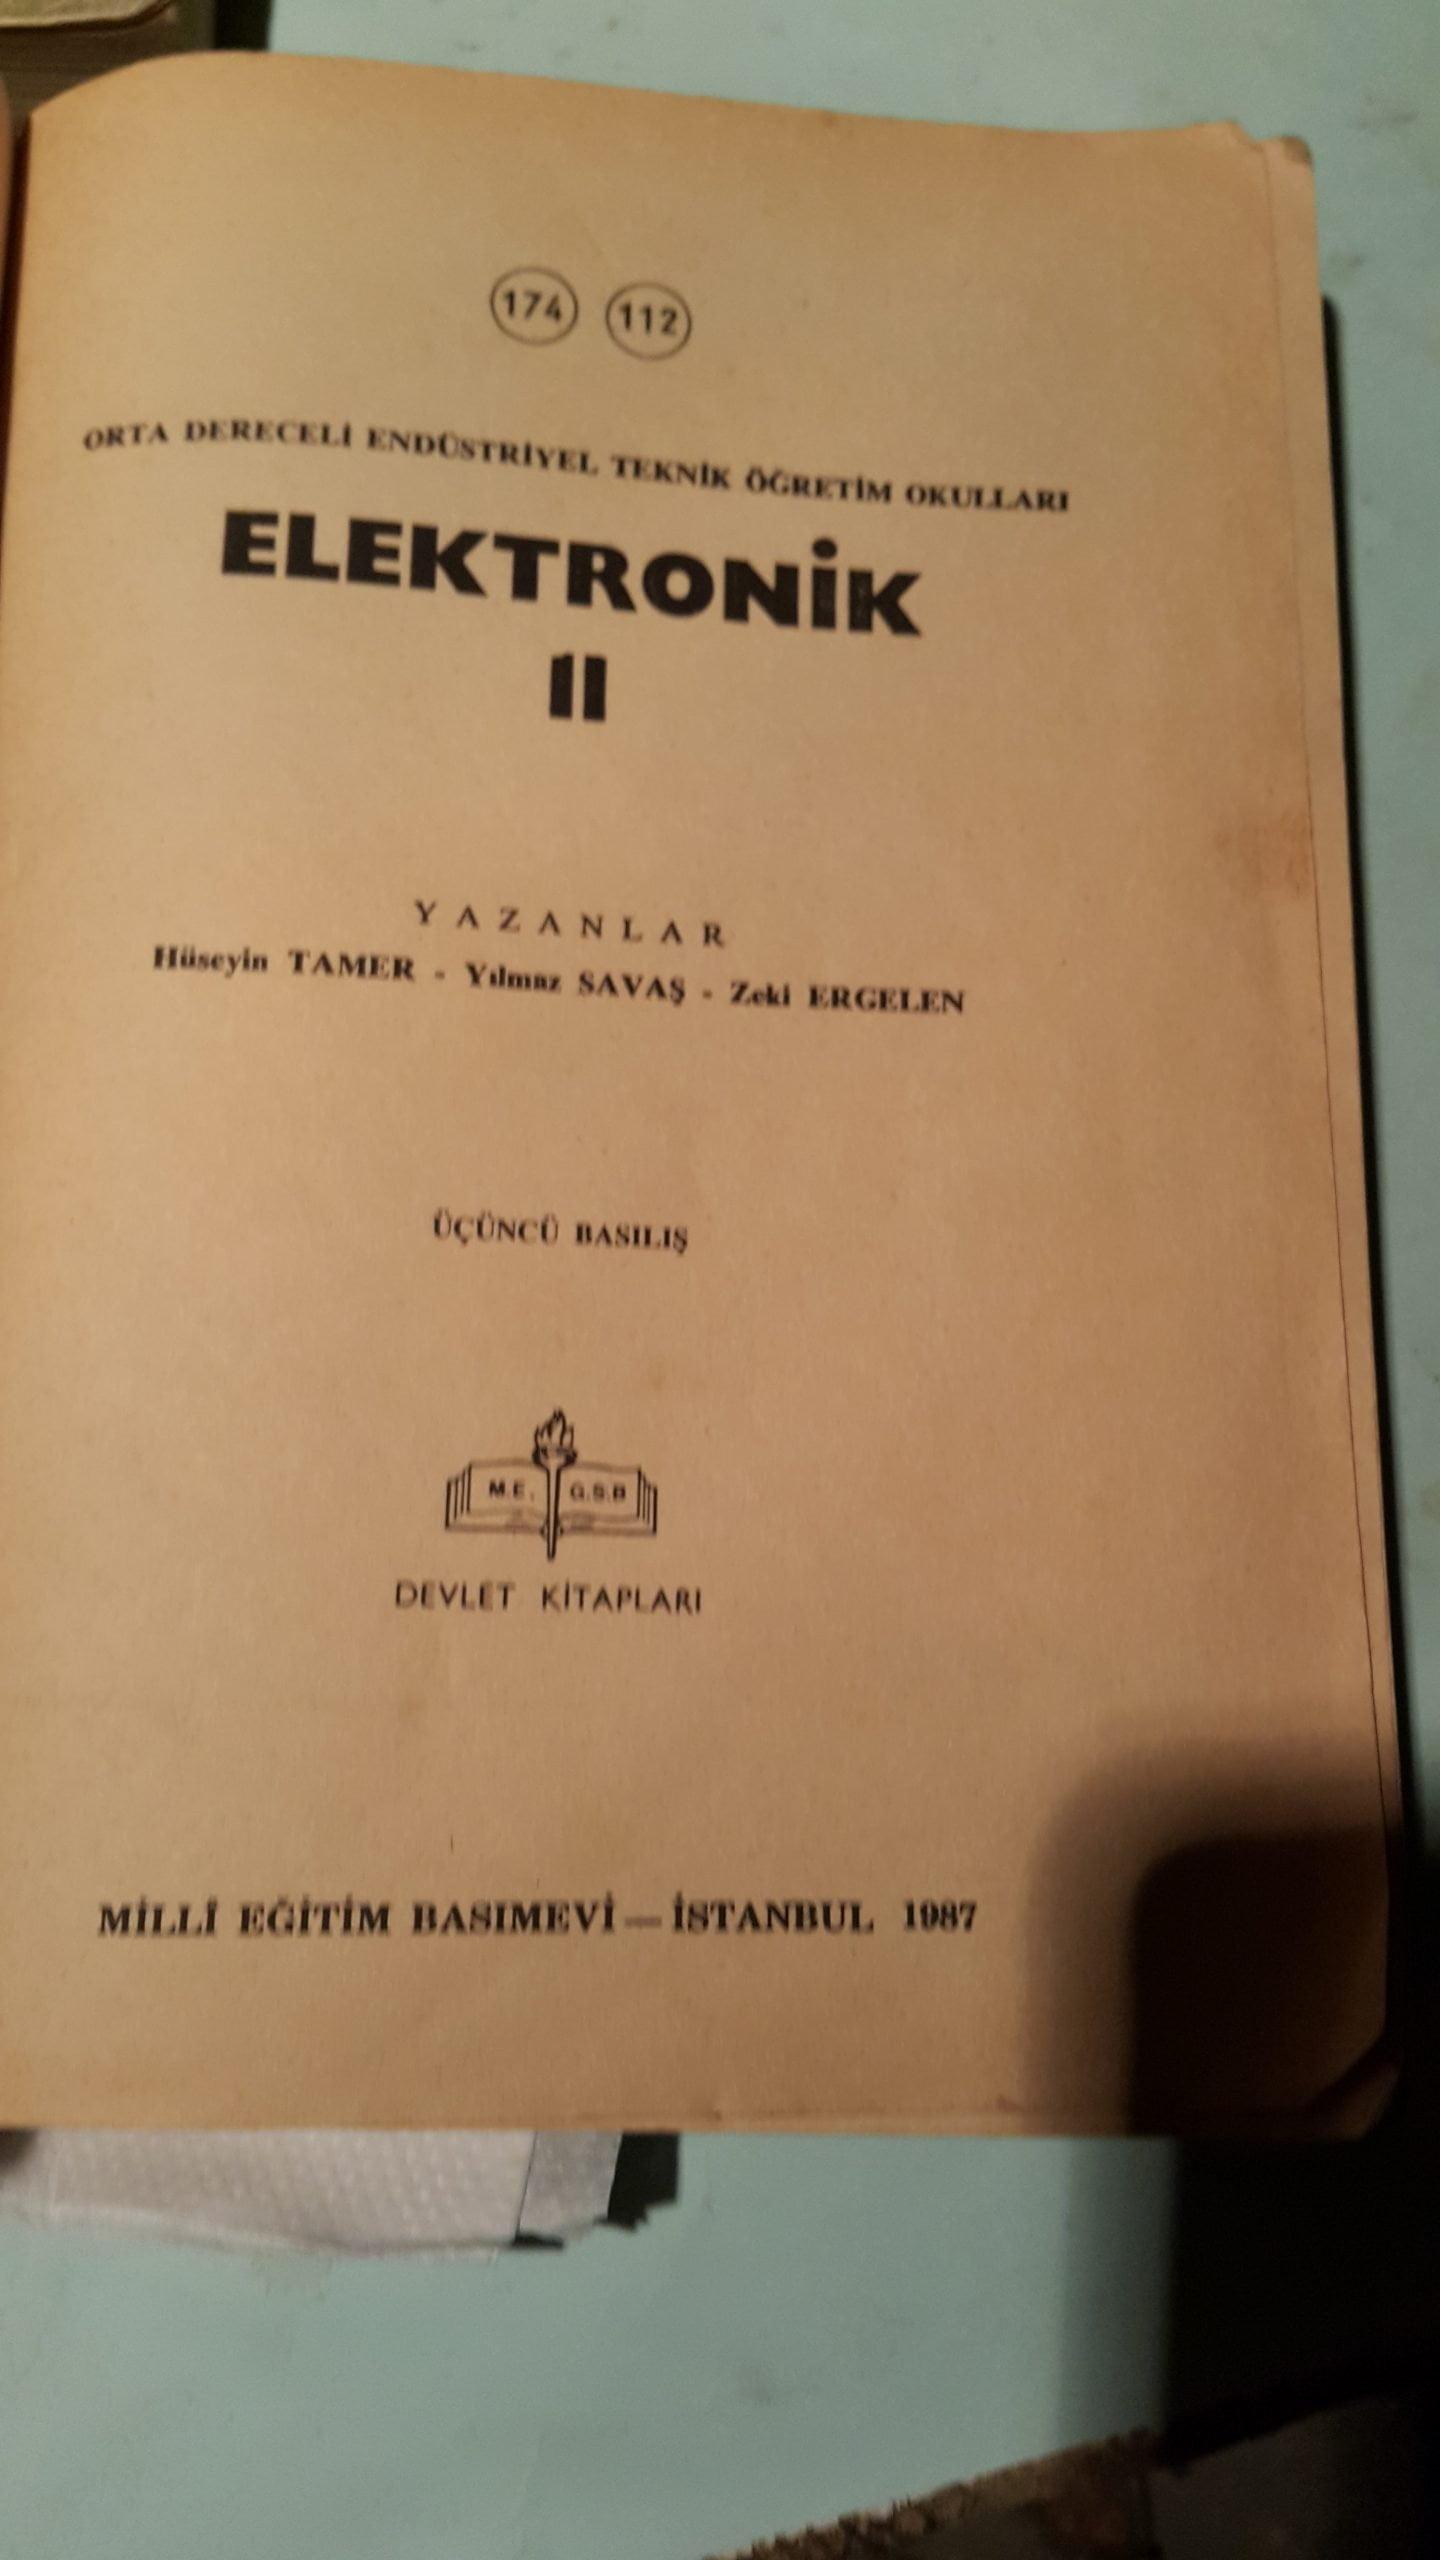 ELEKTRONİK II/Hüseyin TAMER-Yılmaz Savaş-Zeki ERGELEN